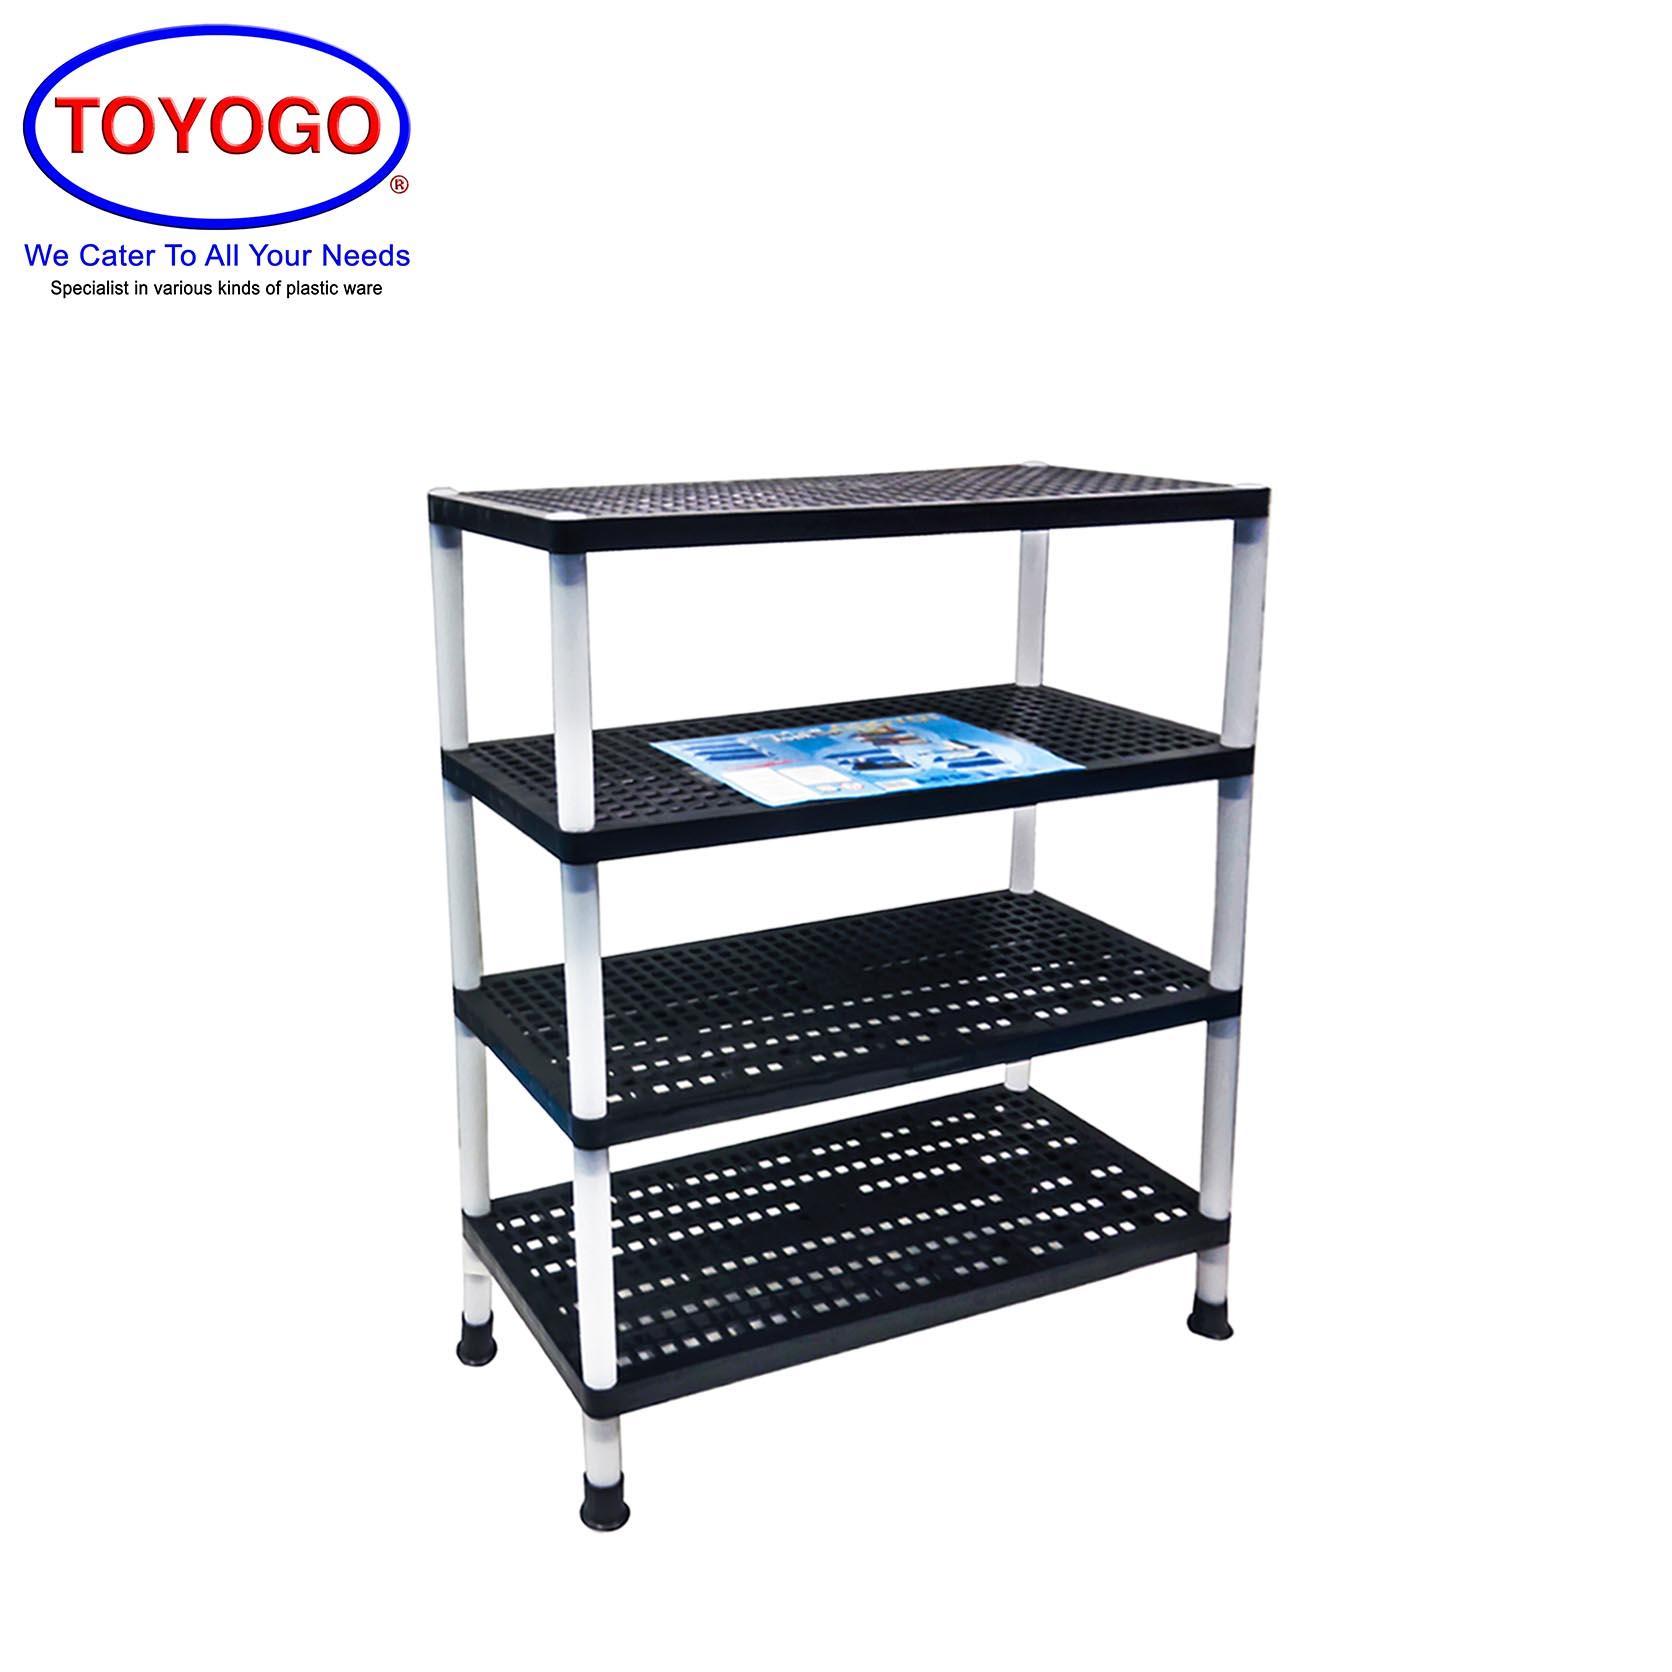 Toyogo [4 Tier] Plastic Multipurpose Rack [4219-4]